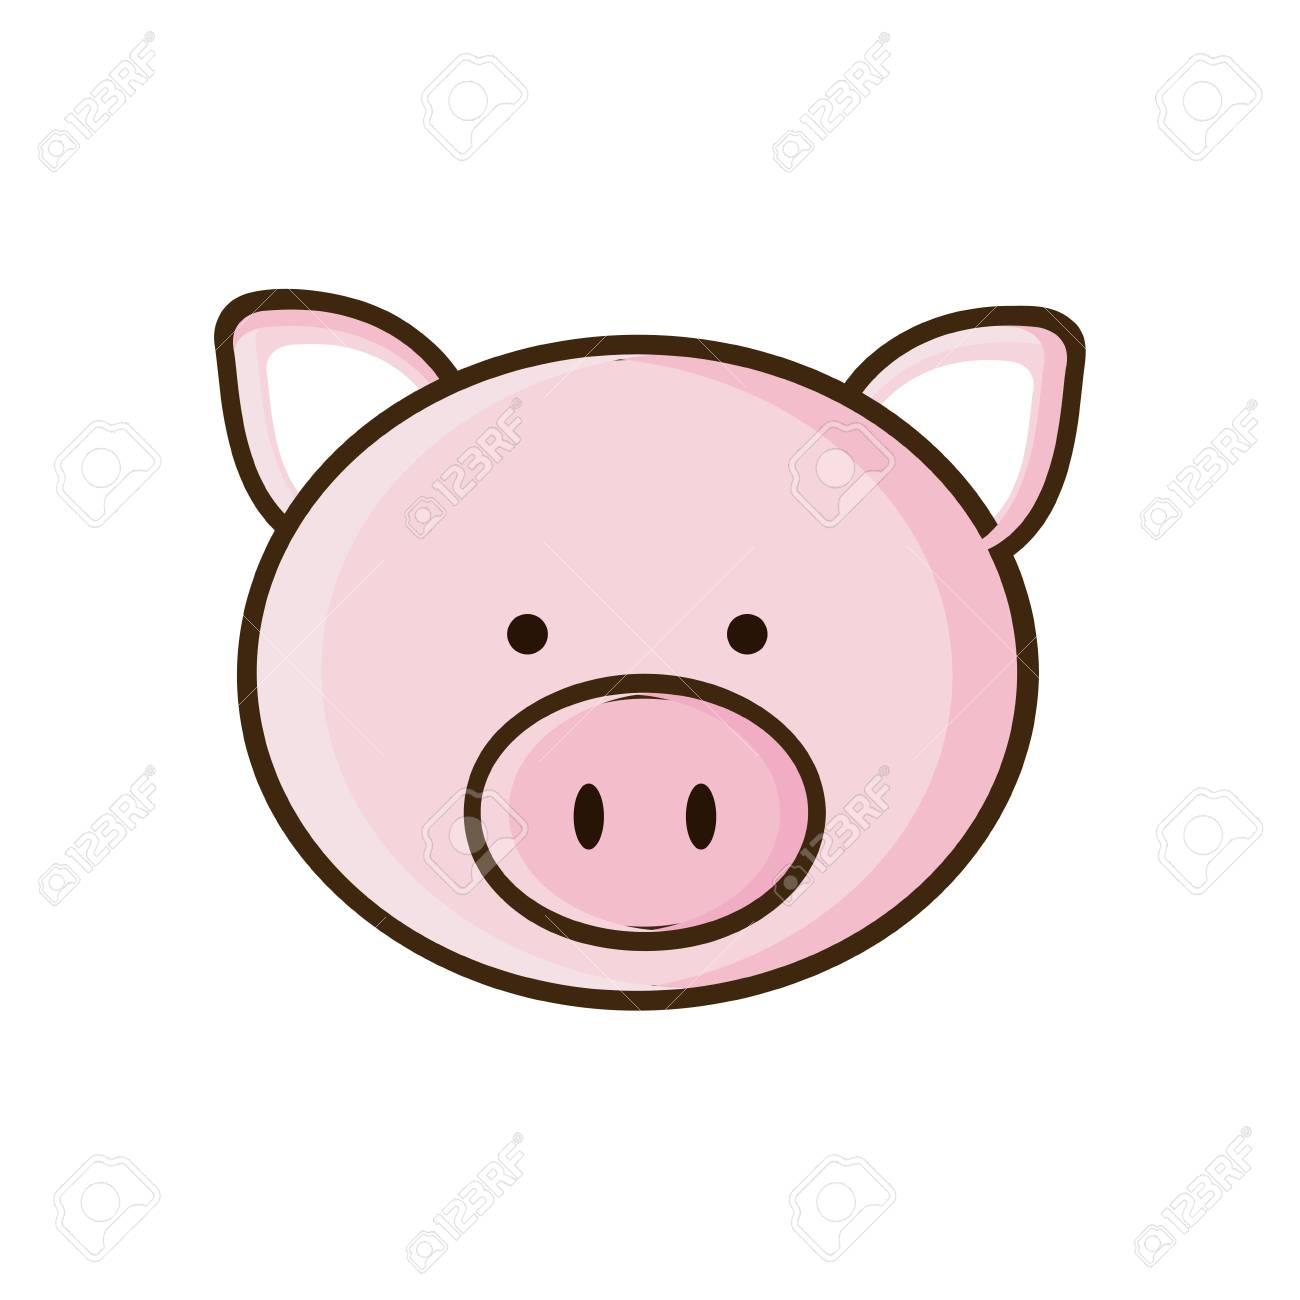 Imagen Colorida Cara Ilustración De Vector De Animal Lindo Cerdo ...